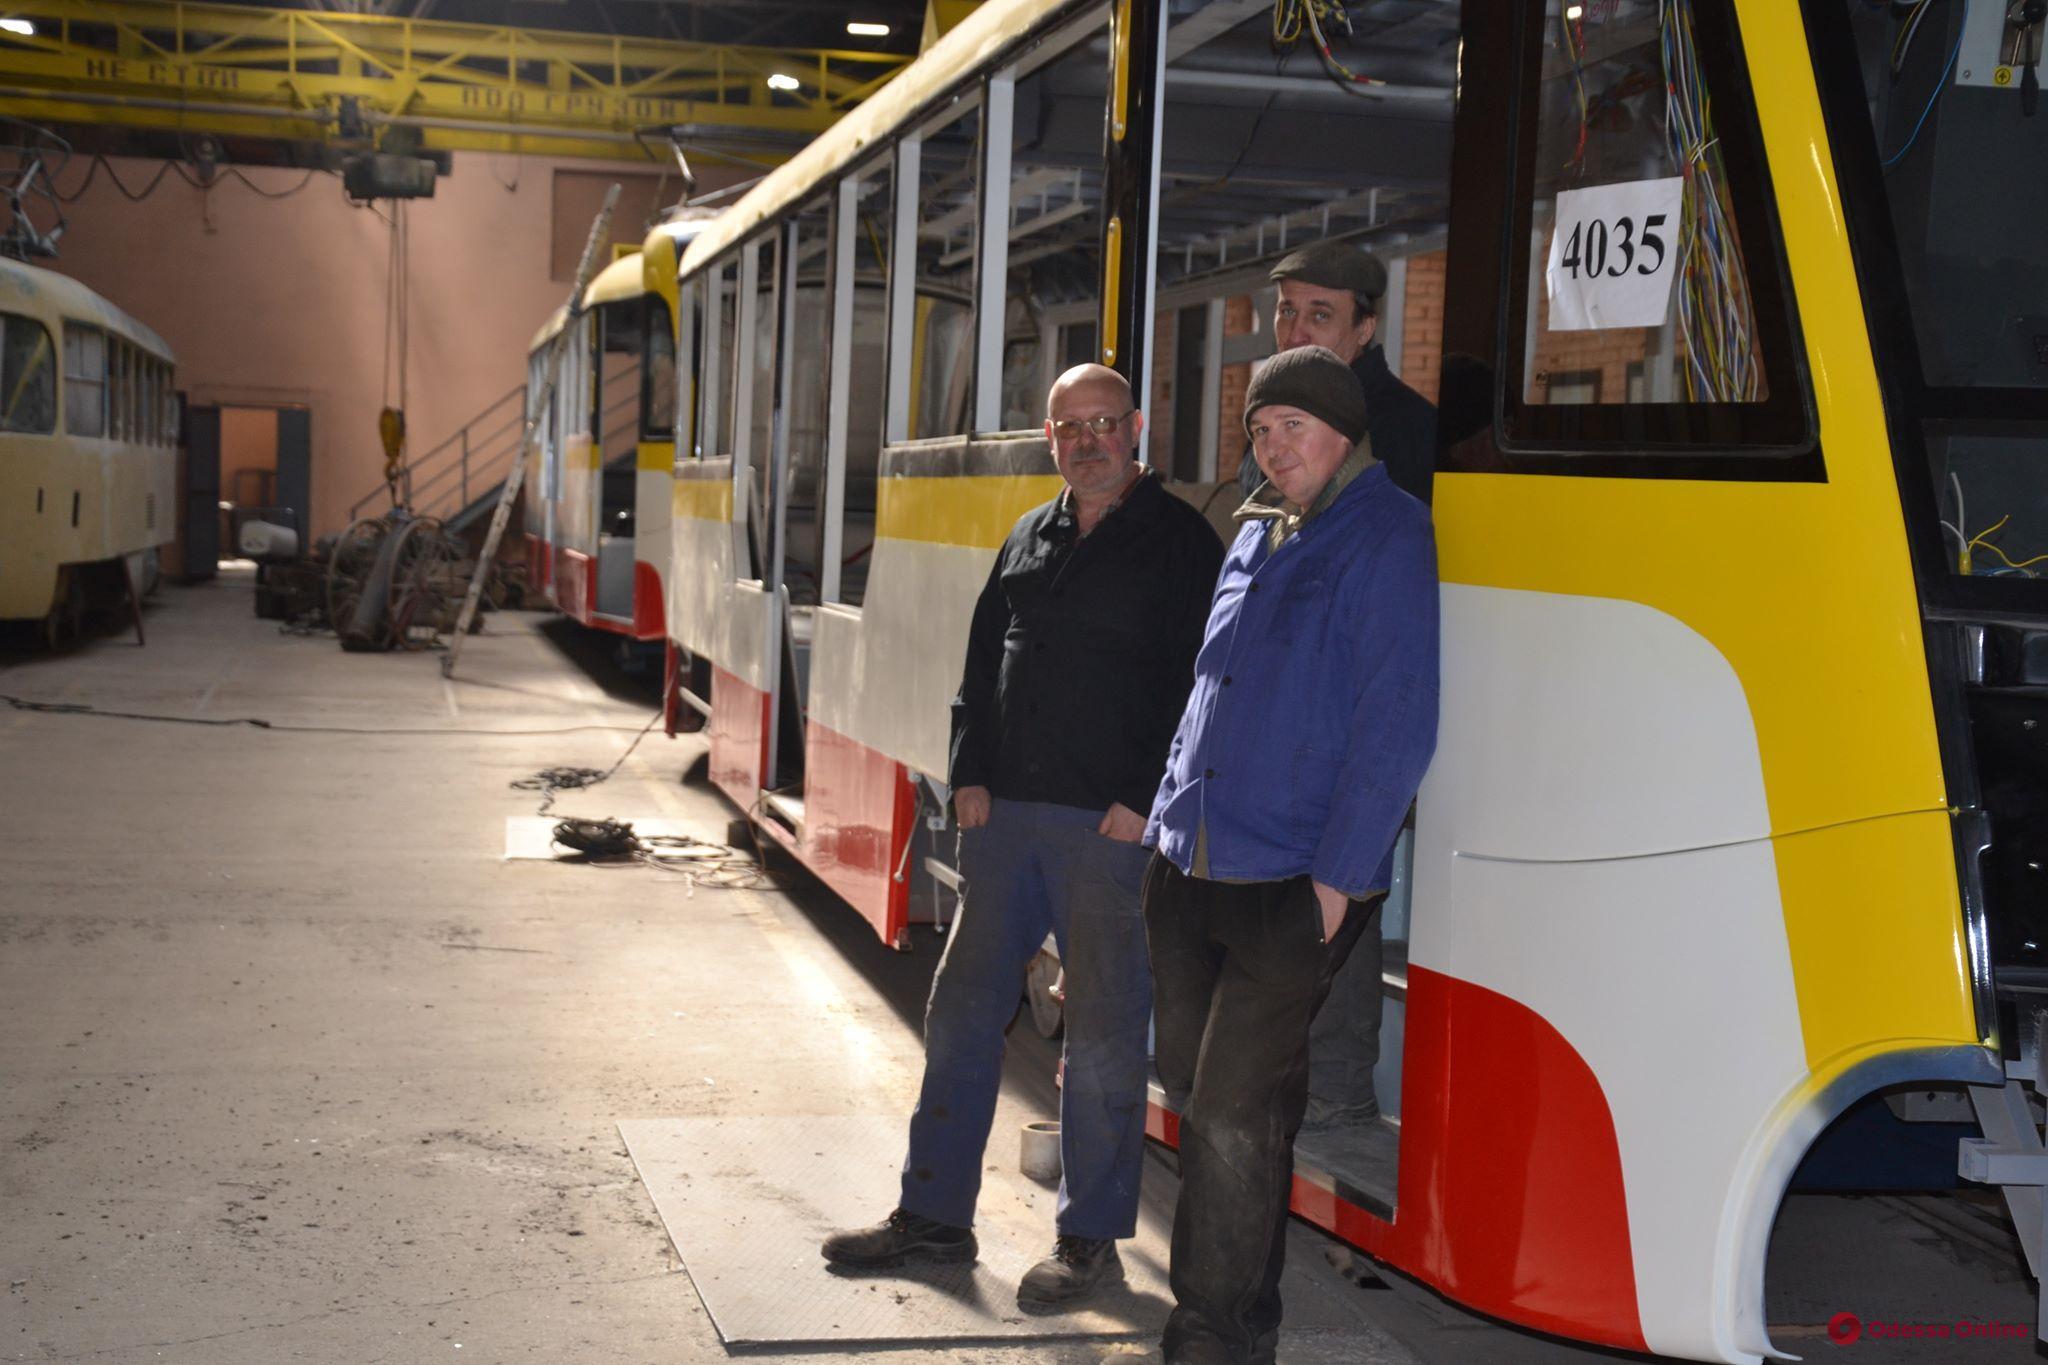 Наши «Одиссеи»: в мастерских Одесгорэлектротранса «родились» еще два новых трамвая (фото)